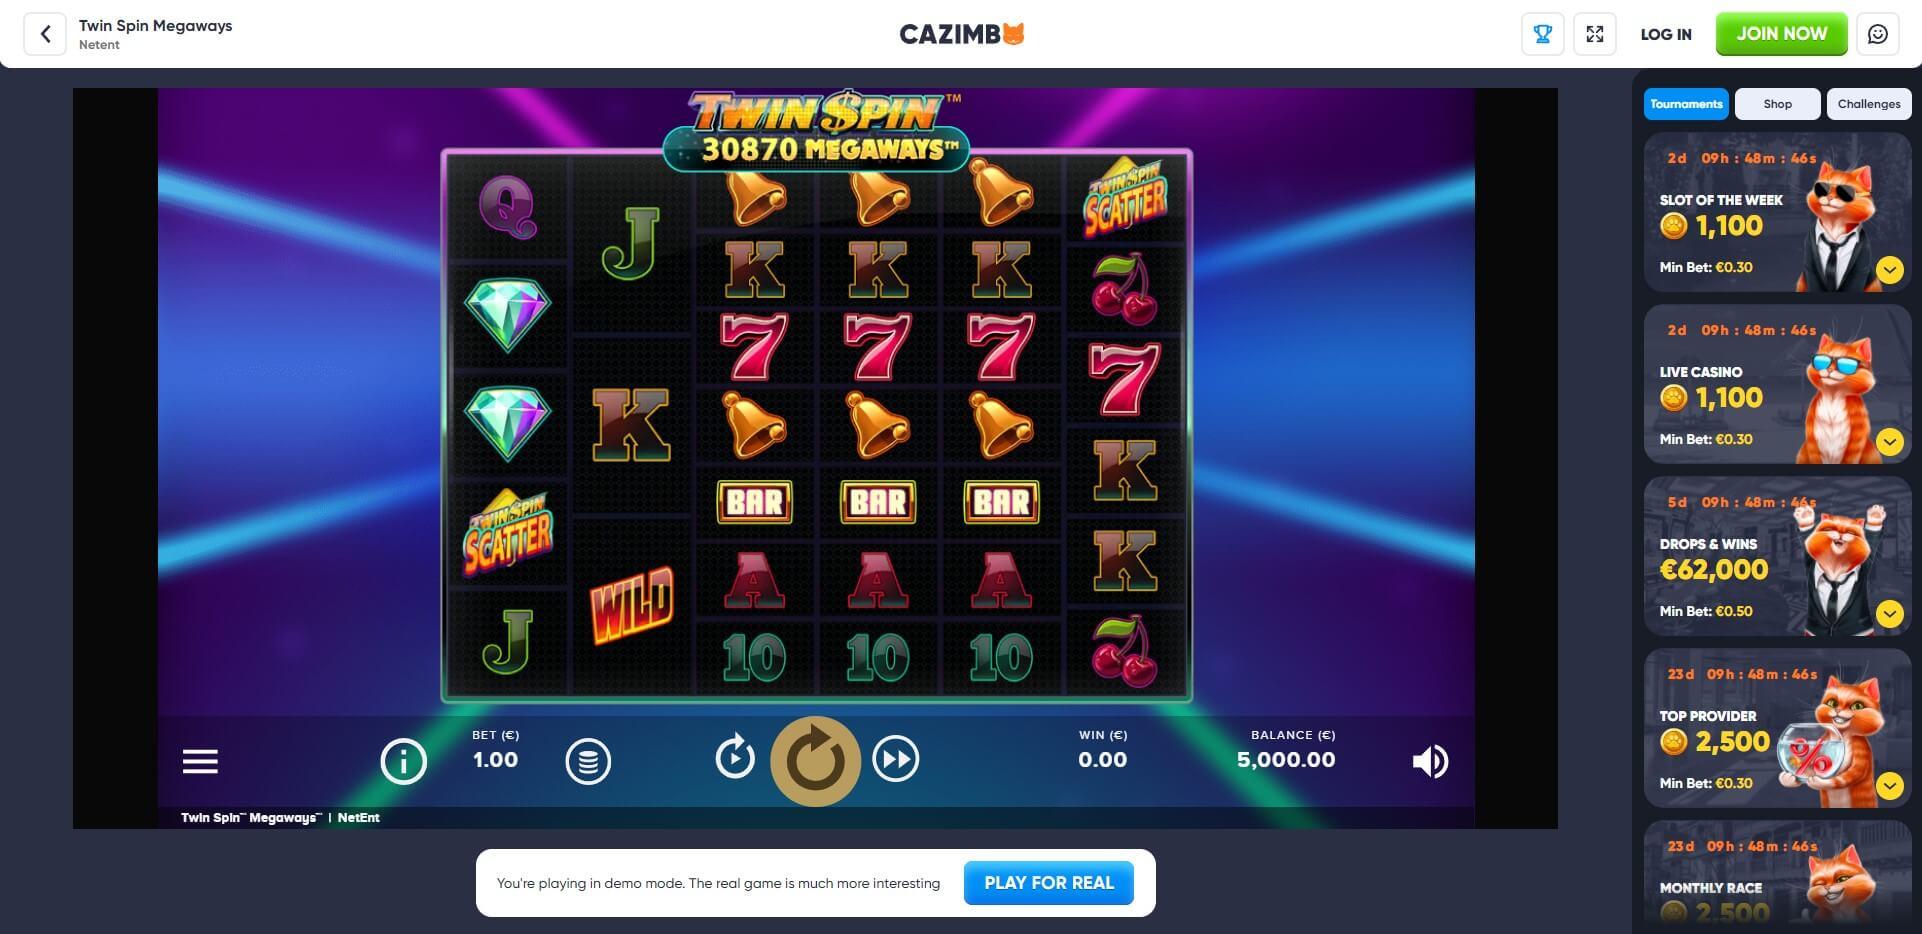 Game Play at Cazimbo Casino